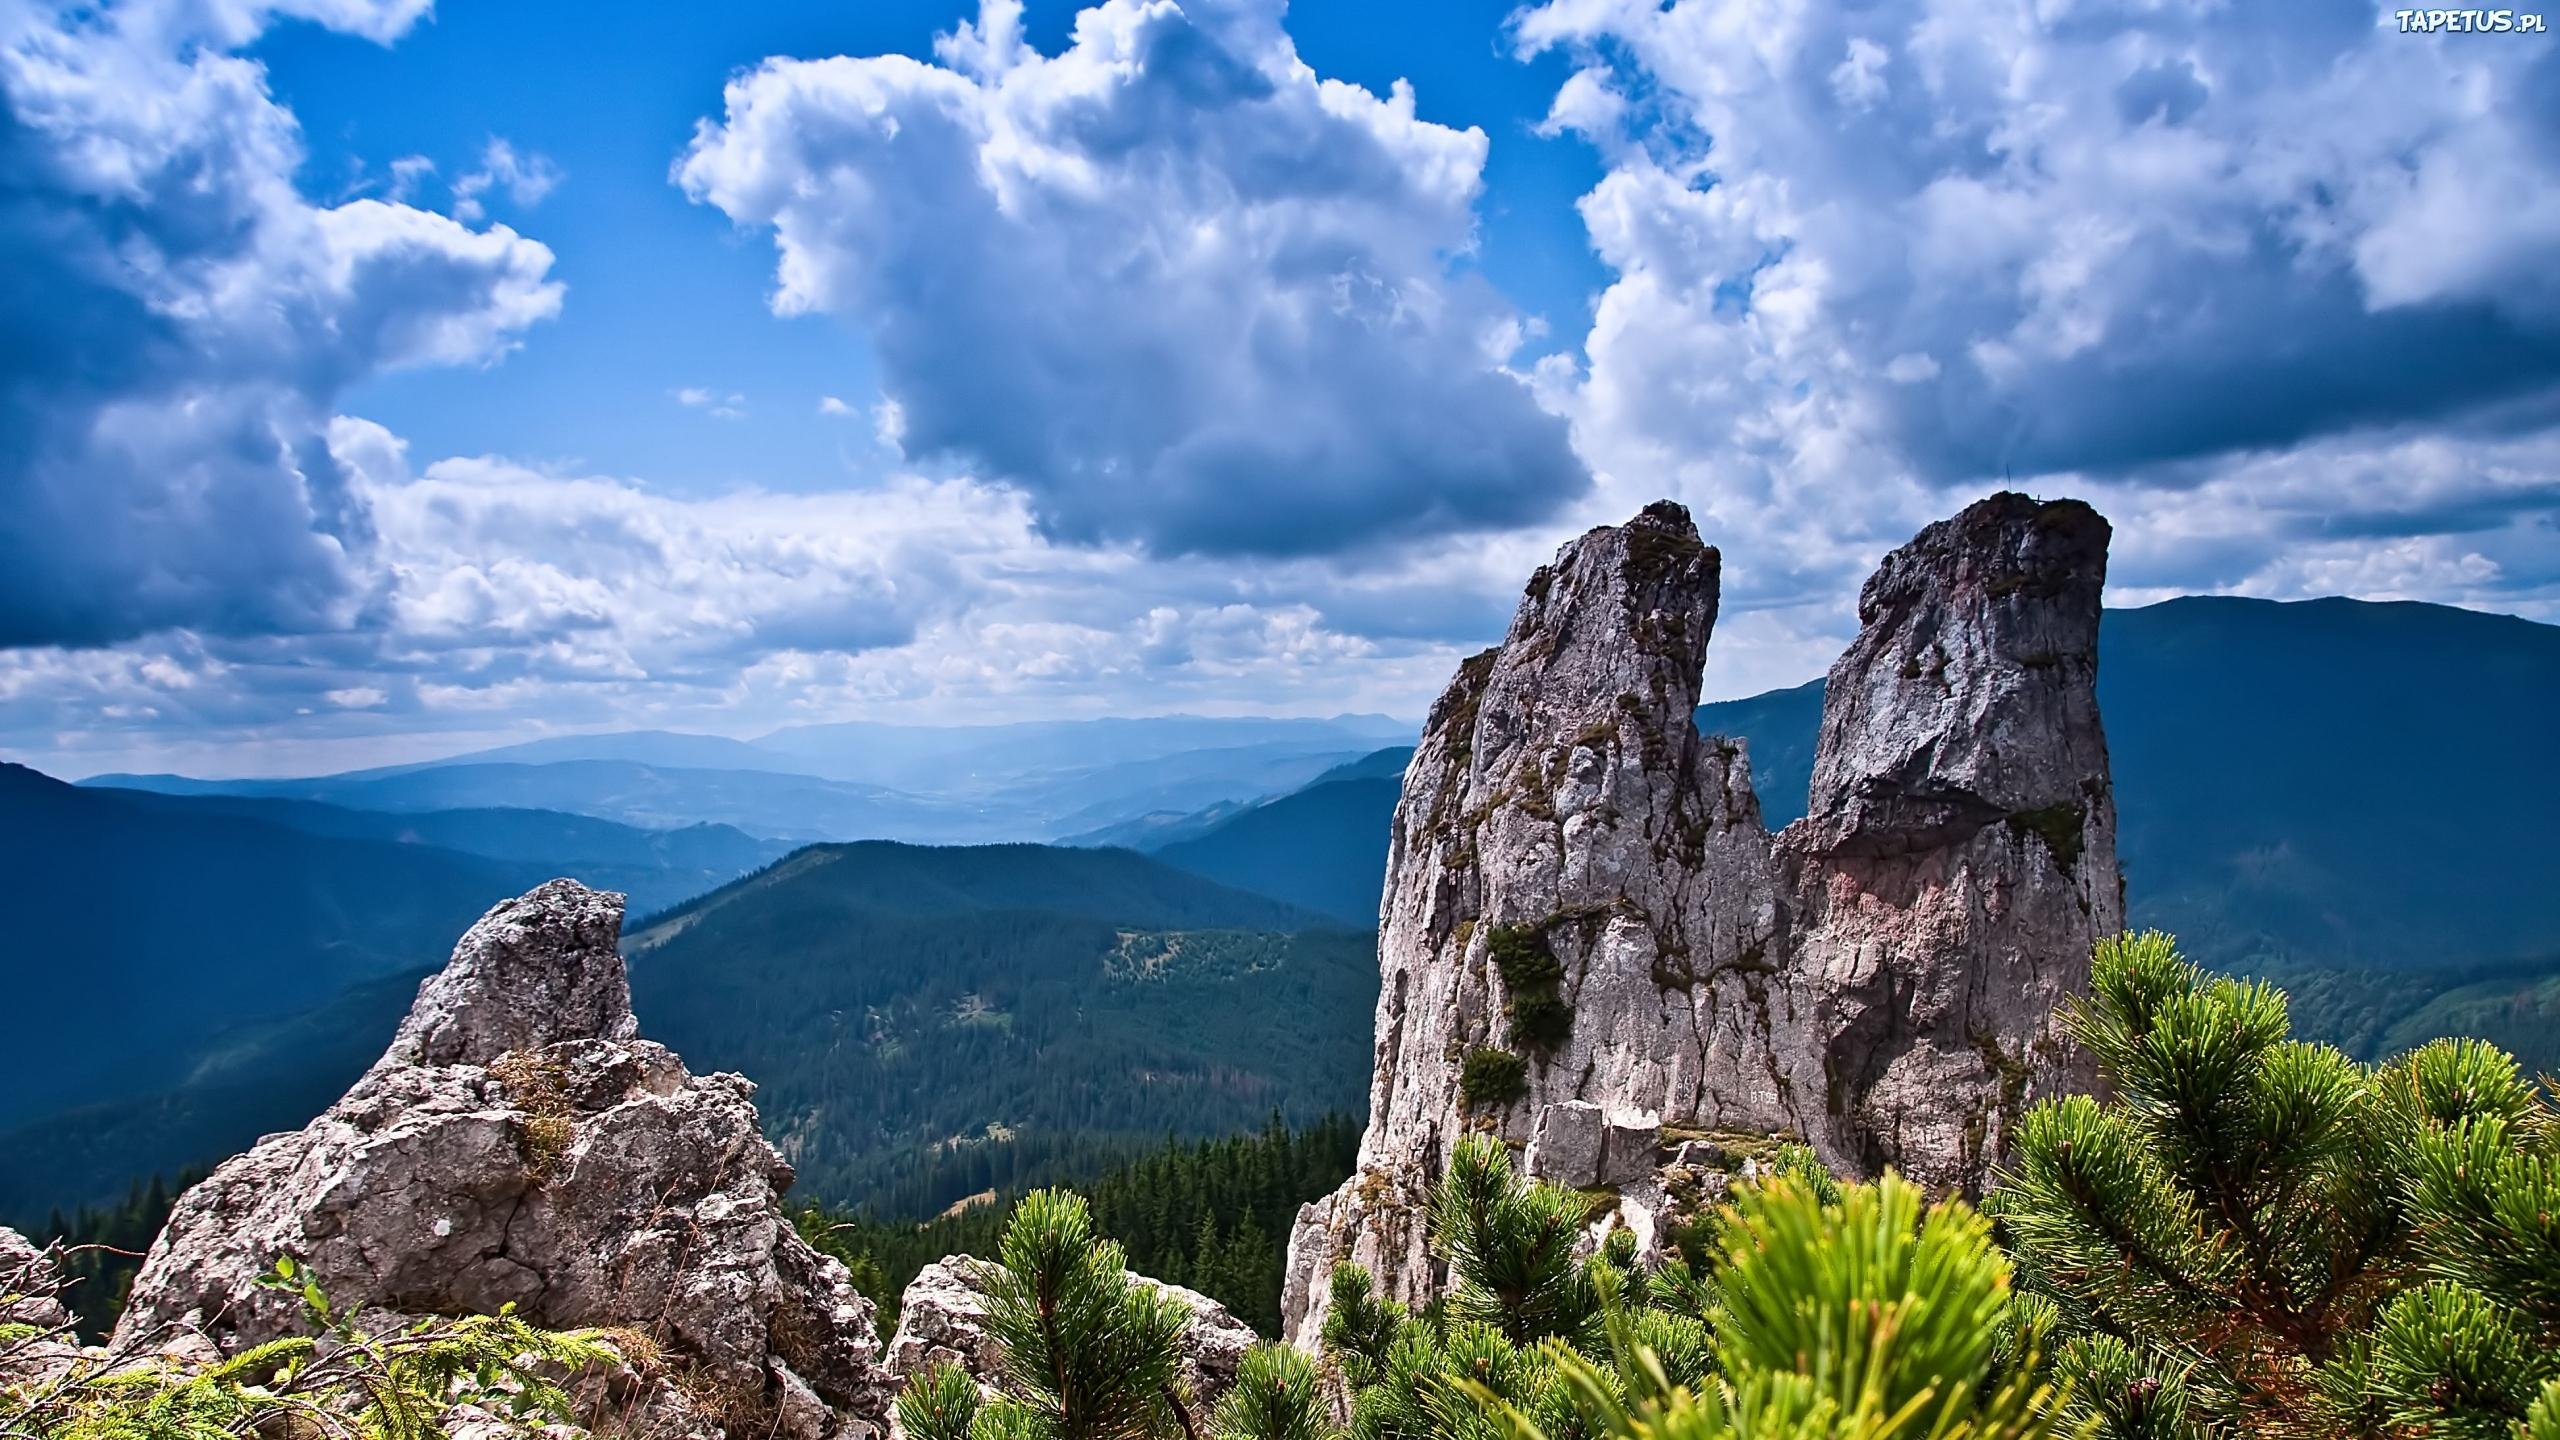 природа горы деревья скалы nature mountains trees rock скачать